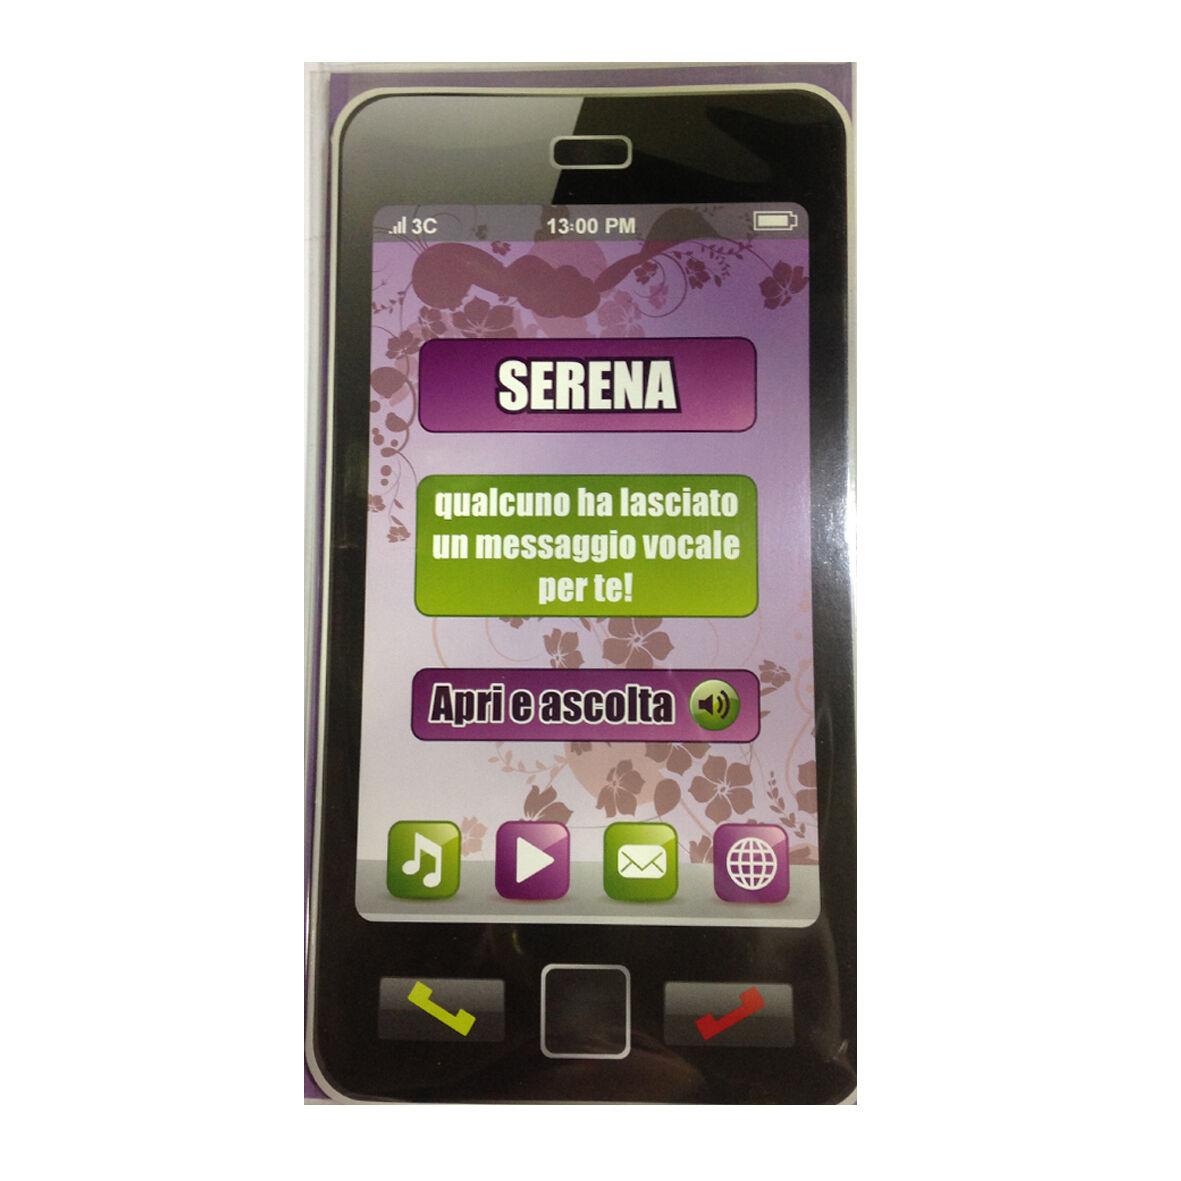 COMPLEANNO biglietto musicale a telefono squilla segreteria nome SERENA